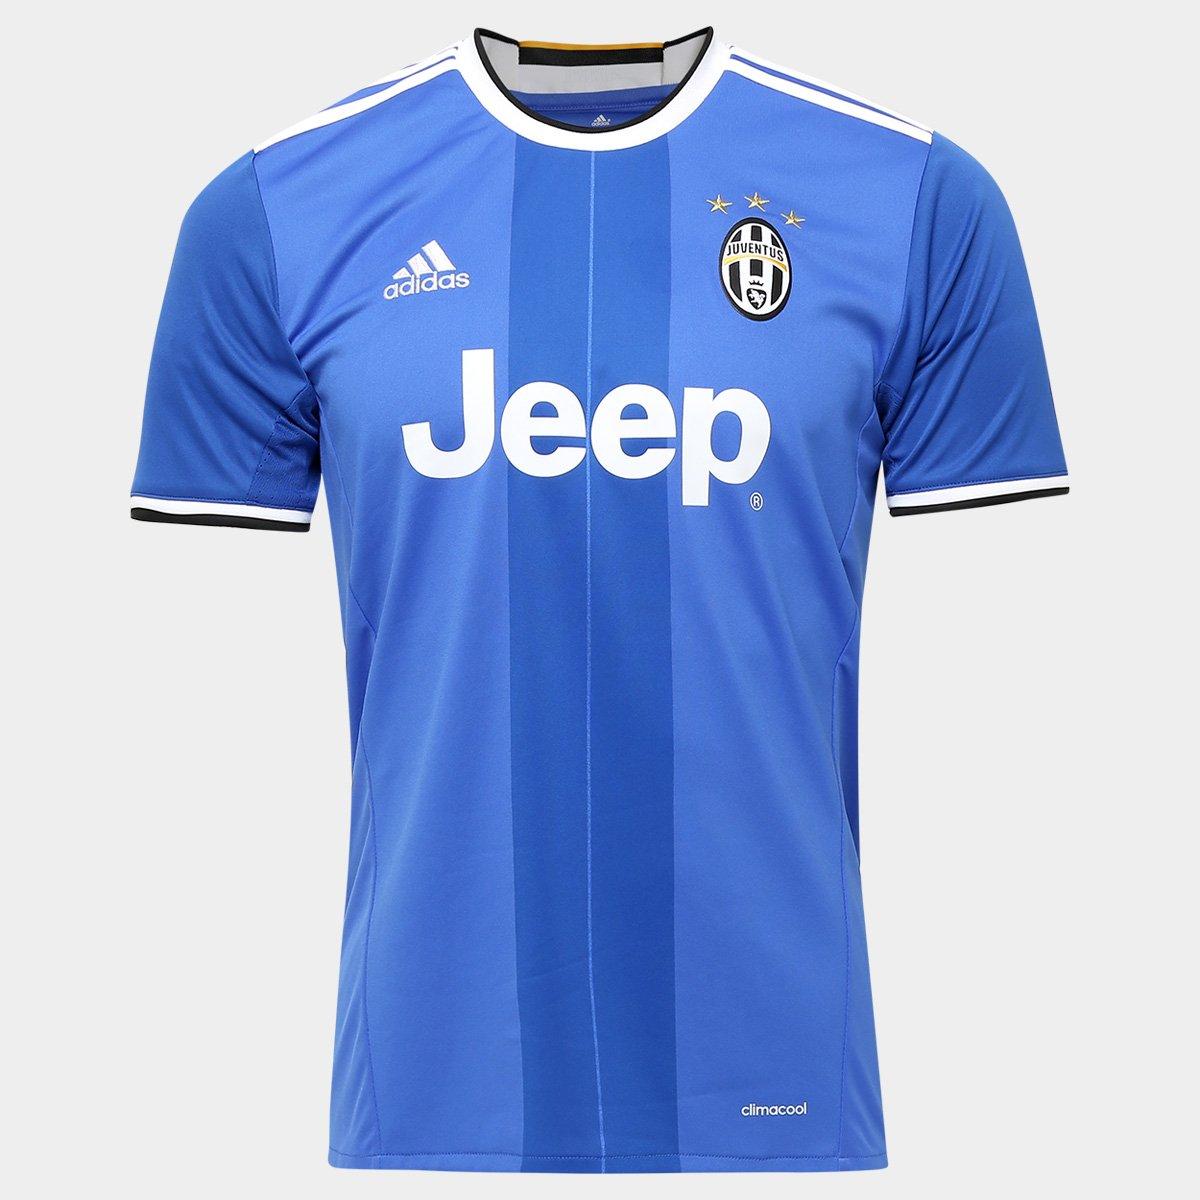 7436bf3175 Camisa Juventus Away 16 17 s nº Torcedor Adidas Masculina - Compre Agora